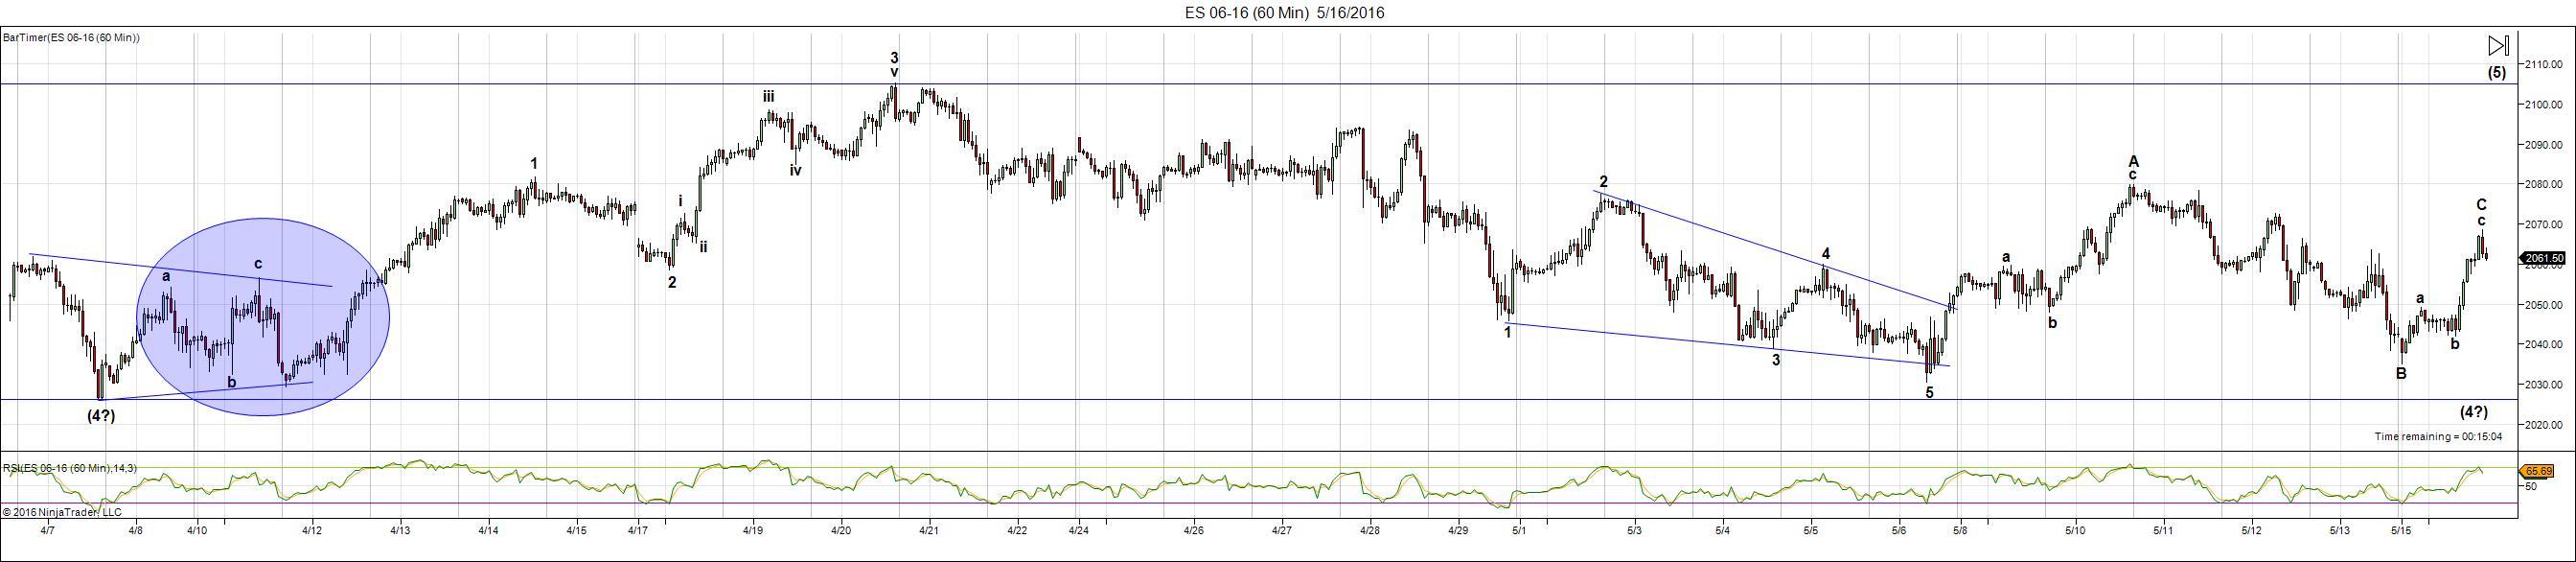 ES 06-16 (60 Min) 5_16_2016